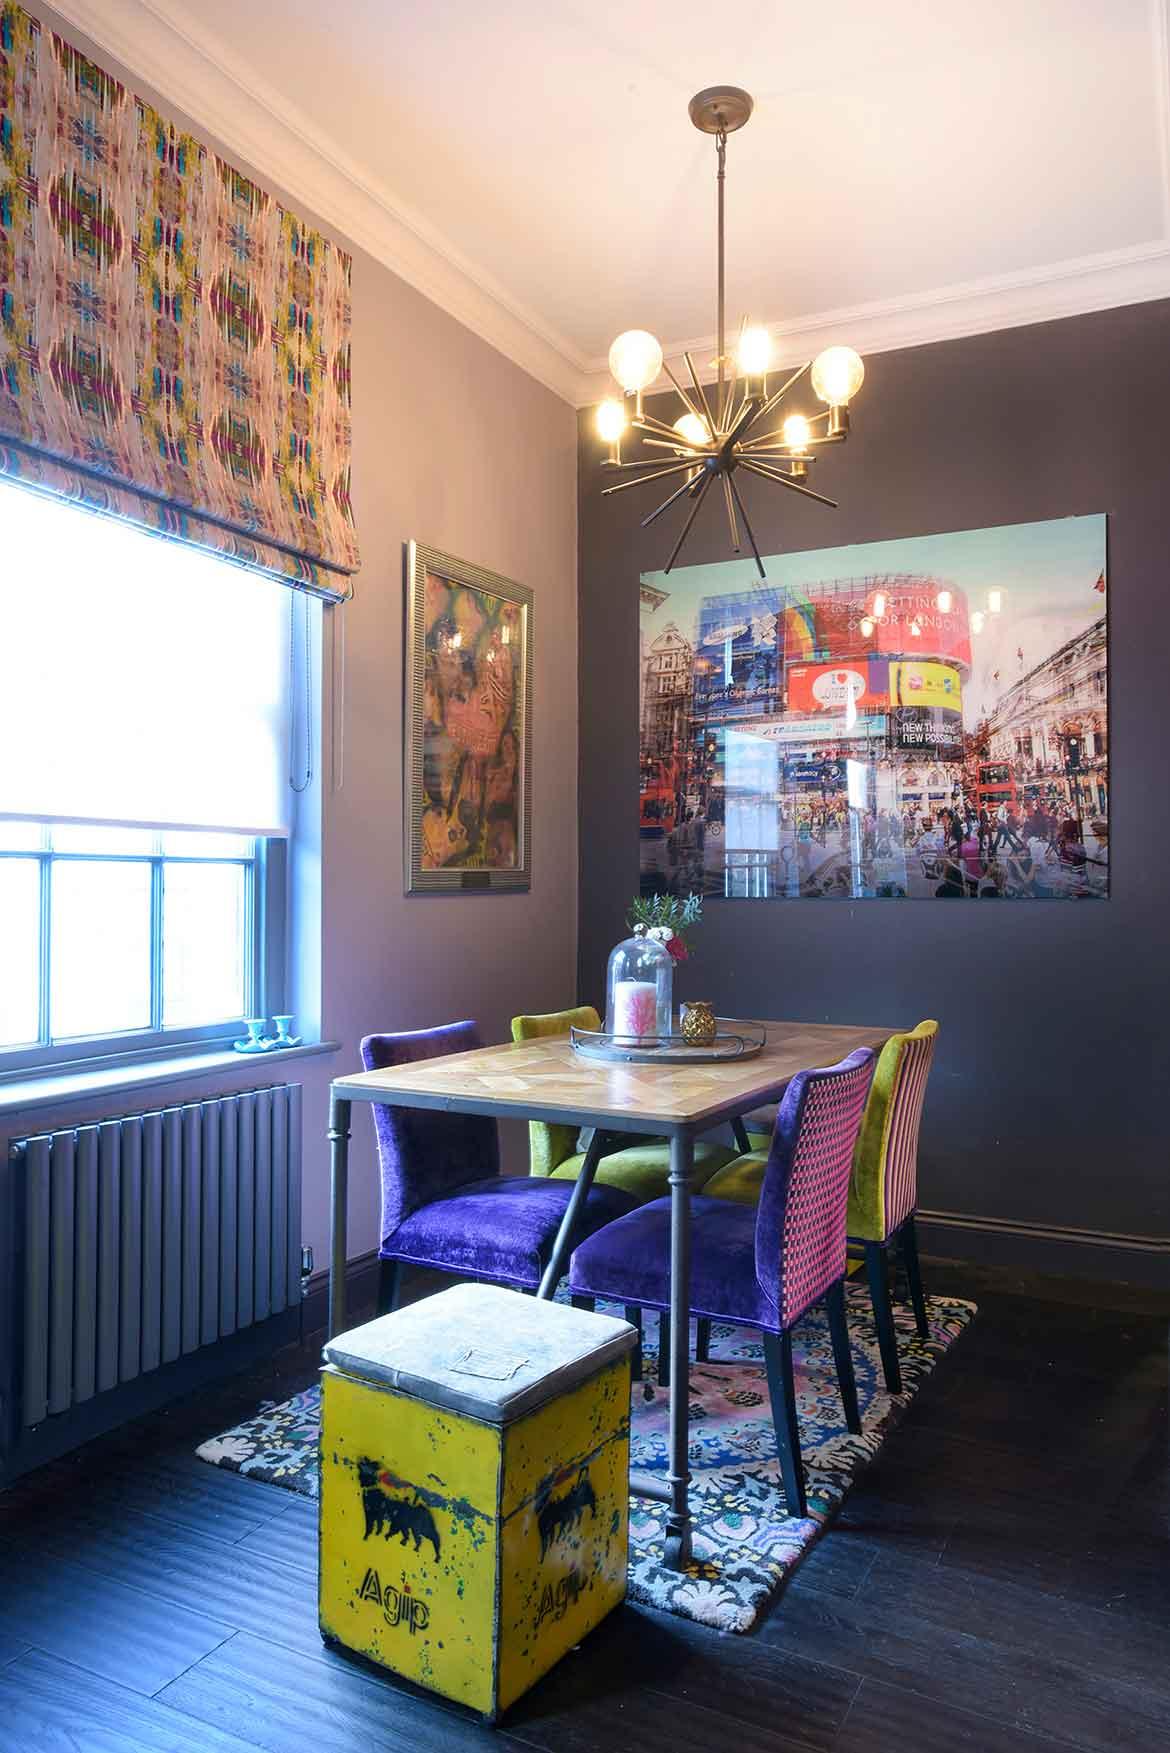 Swank Interiors Interio design in Norwich